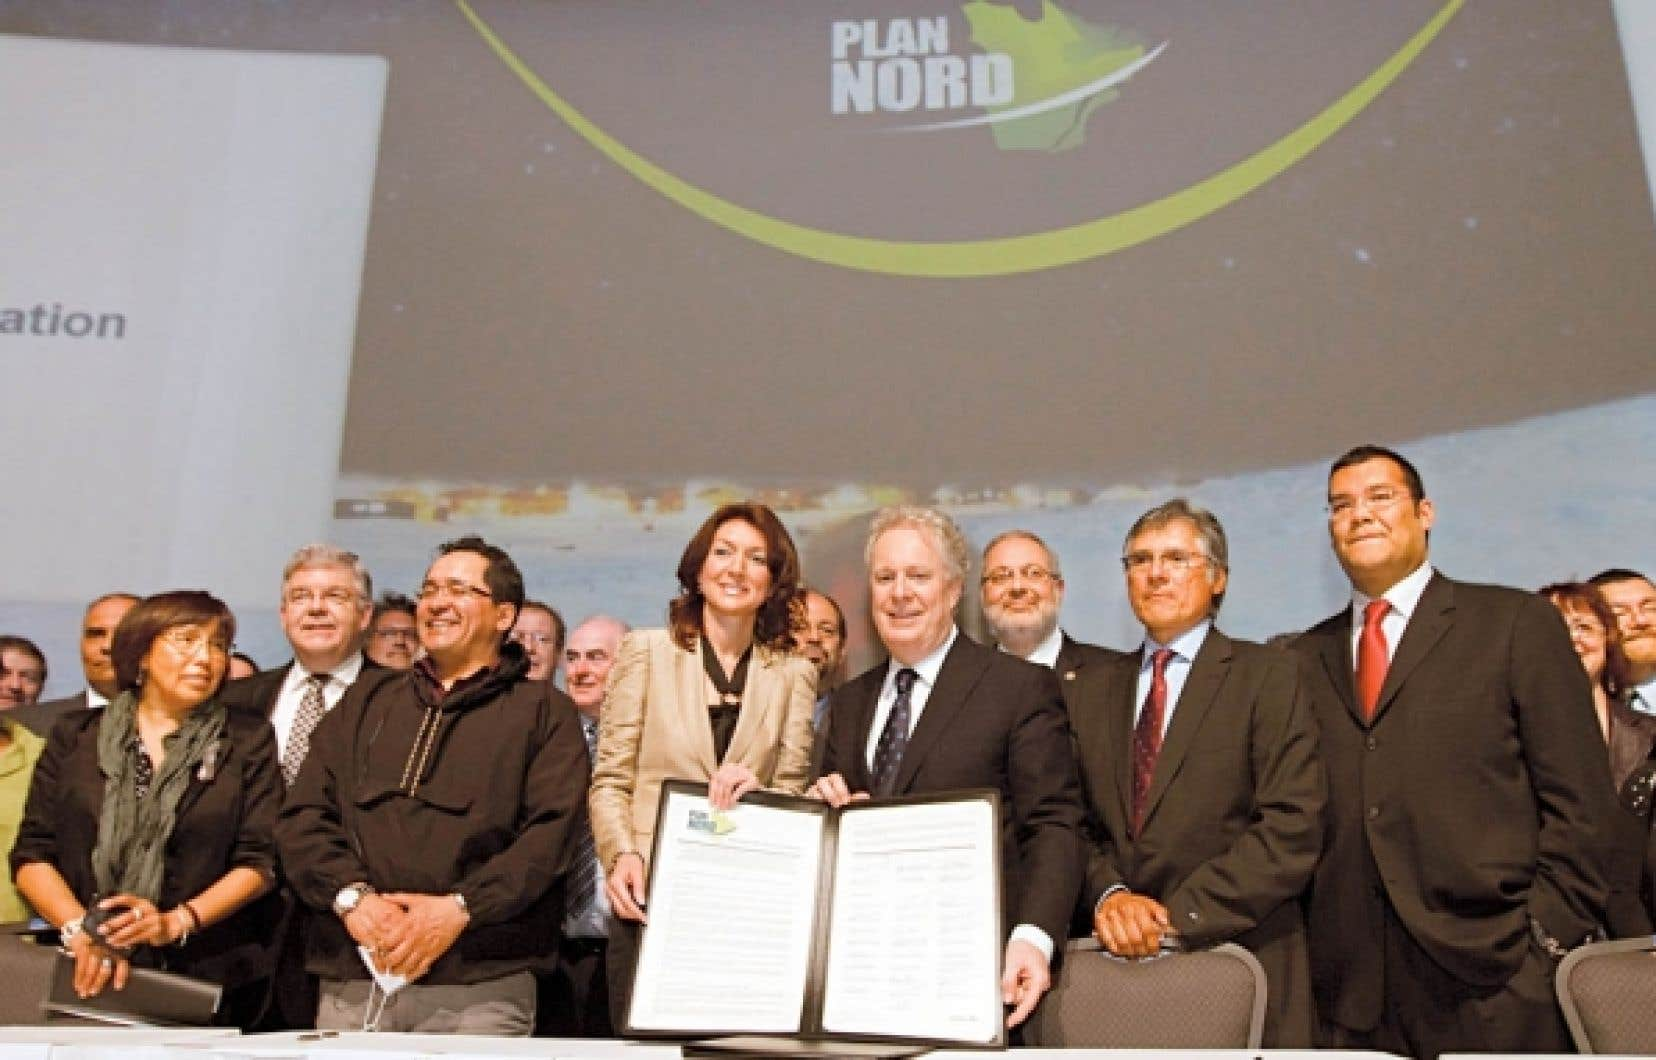 Le premier ministre Jean Charest a donné un vernis solennel au lancement du très attendu Plan Nord, hier, en préparant une «Déclaration des partenaires», un document relatant les principes et valeurs défendus par Québec, signé par 26 partenaires associés aux milieux nordiques.<br />